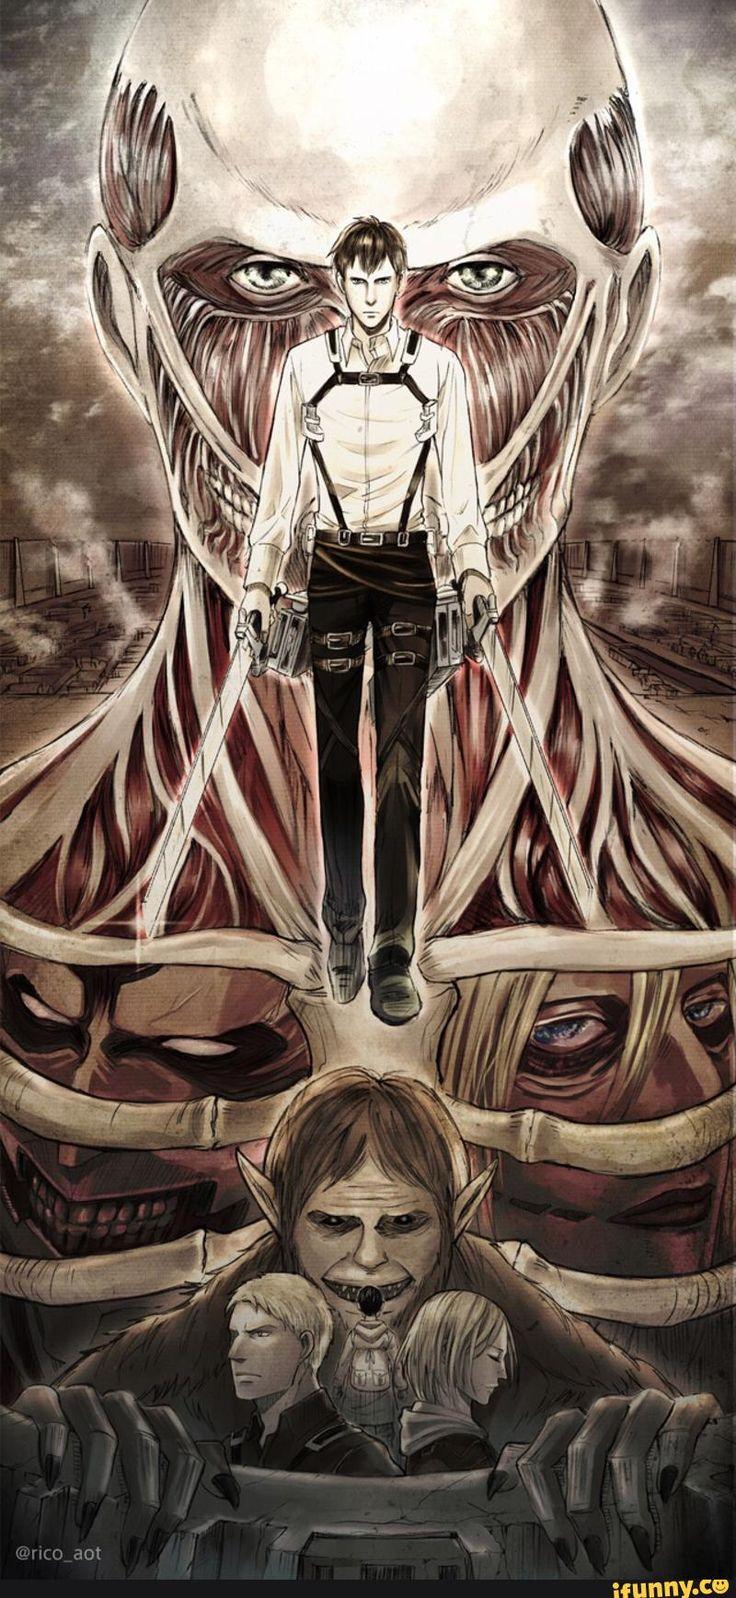 Shingeki No Kyojin - Ataque a los Titanes - Attack On Titan - Ataque de los Titanes